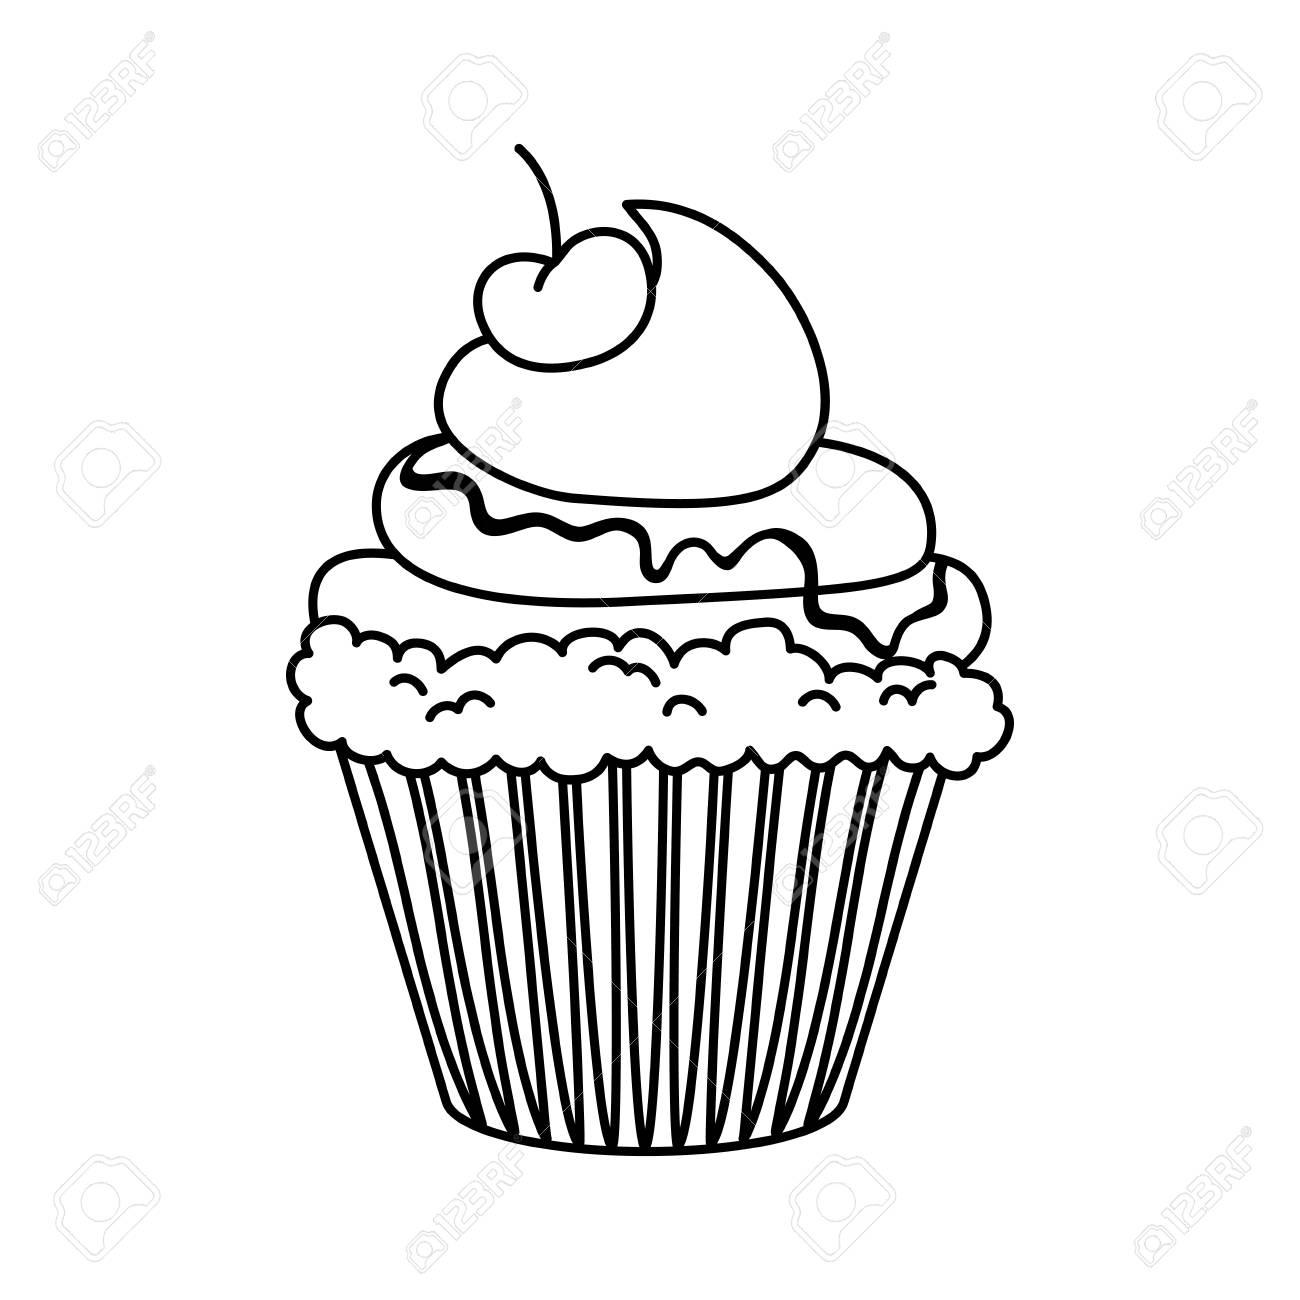 Kostliche Kuchen Nachtisch Symbol Vektor Illustration Grafik Design